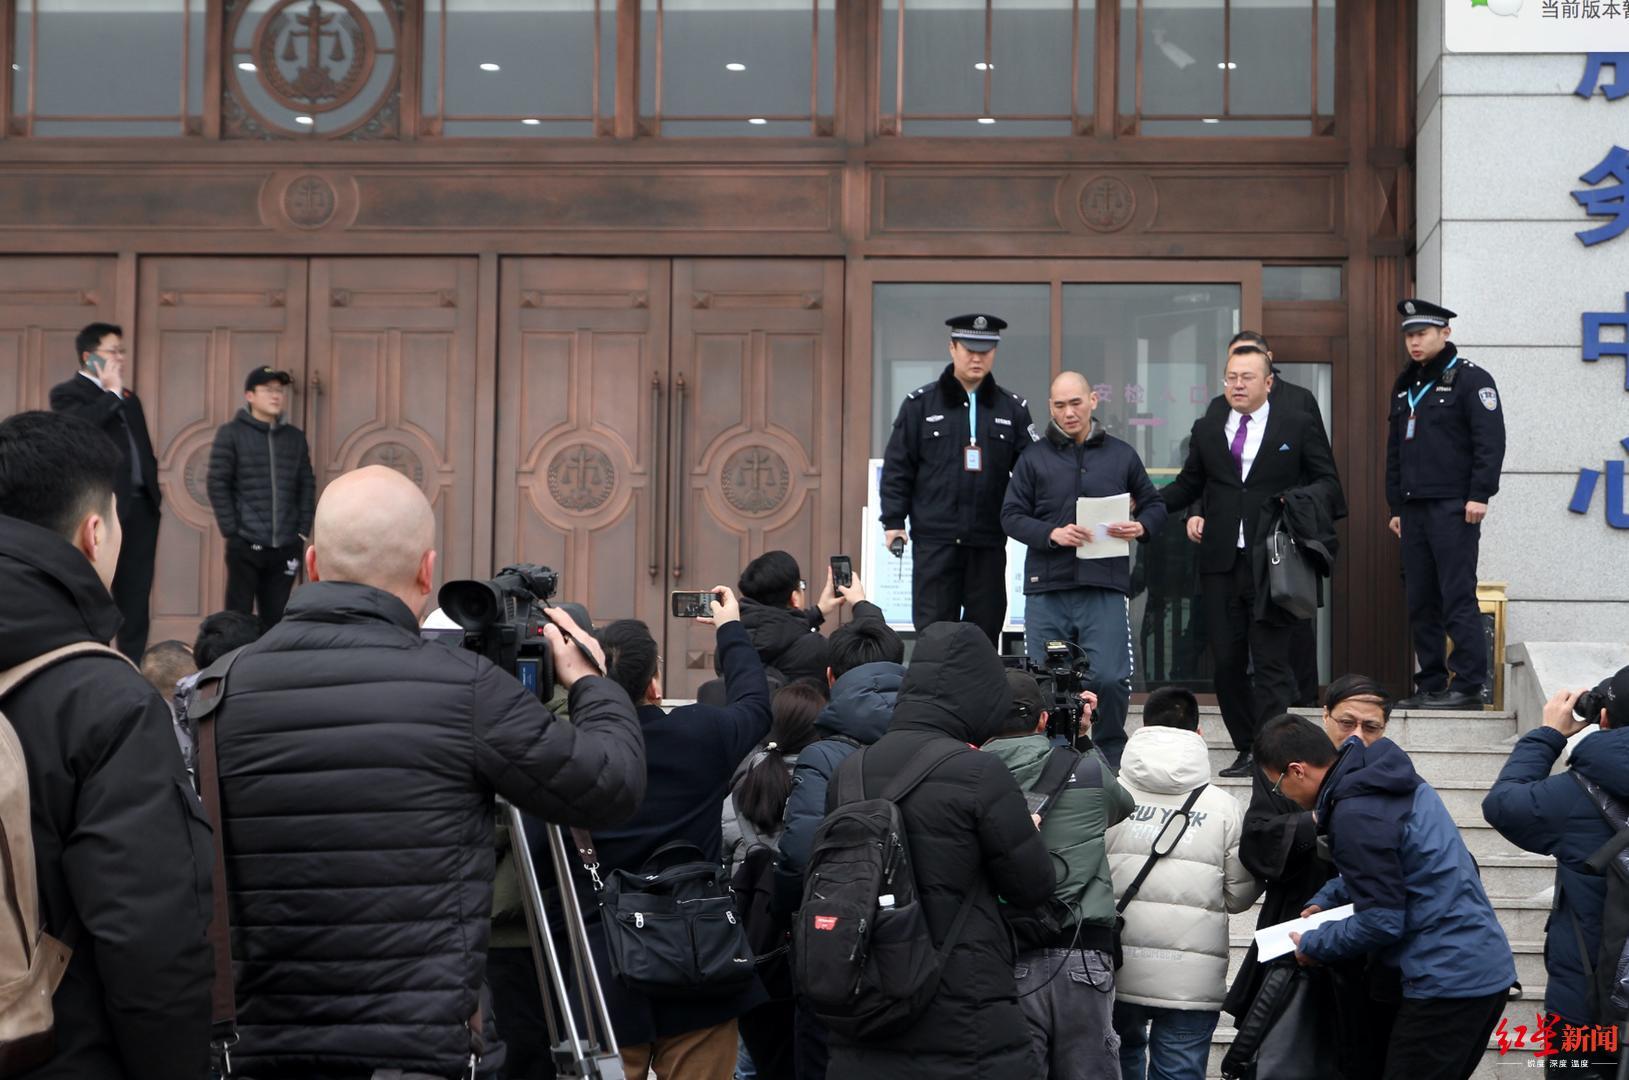 ▲2020年1月13日,张志超走出山东省淄博市中级人民法院,重获自由。张炎良 摄